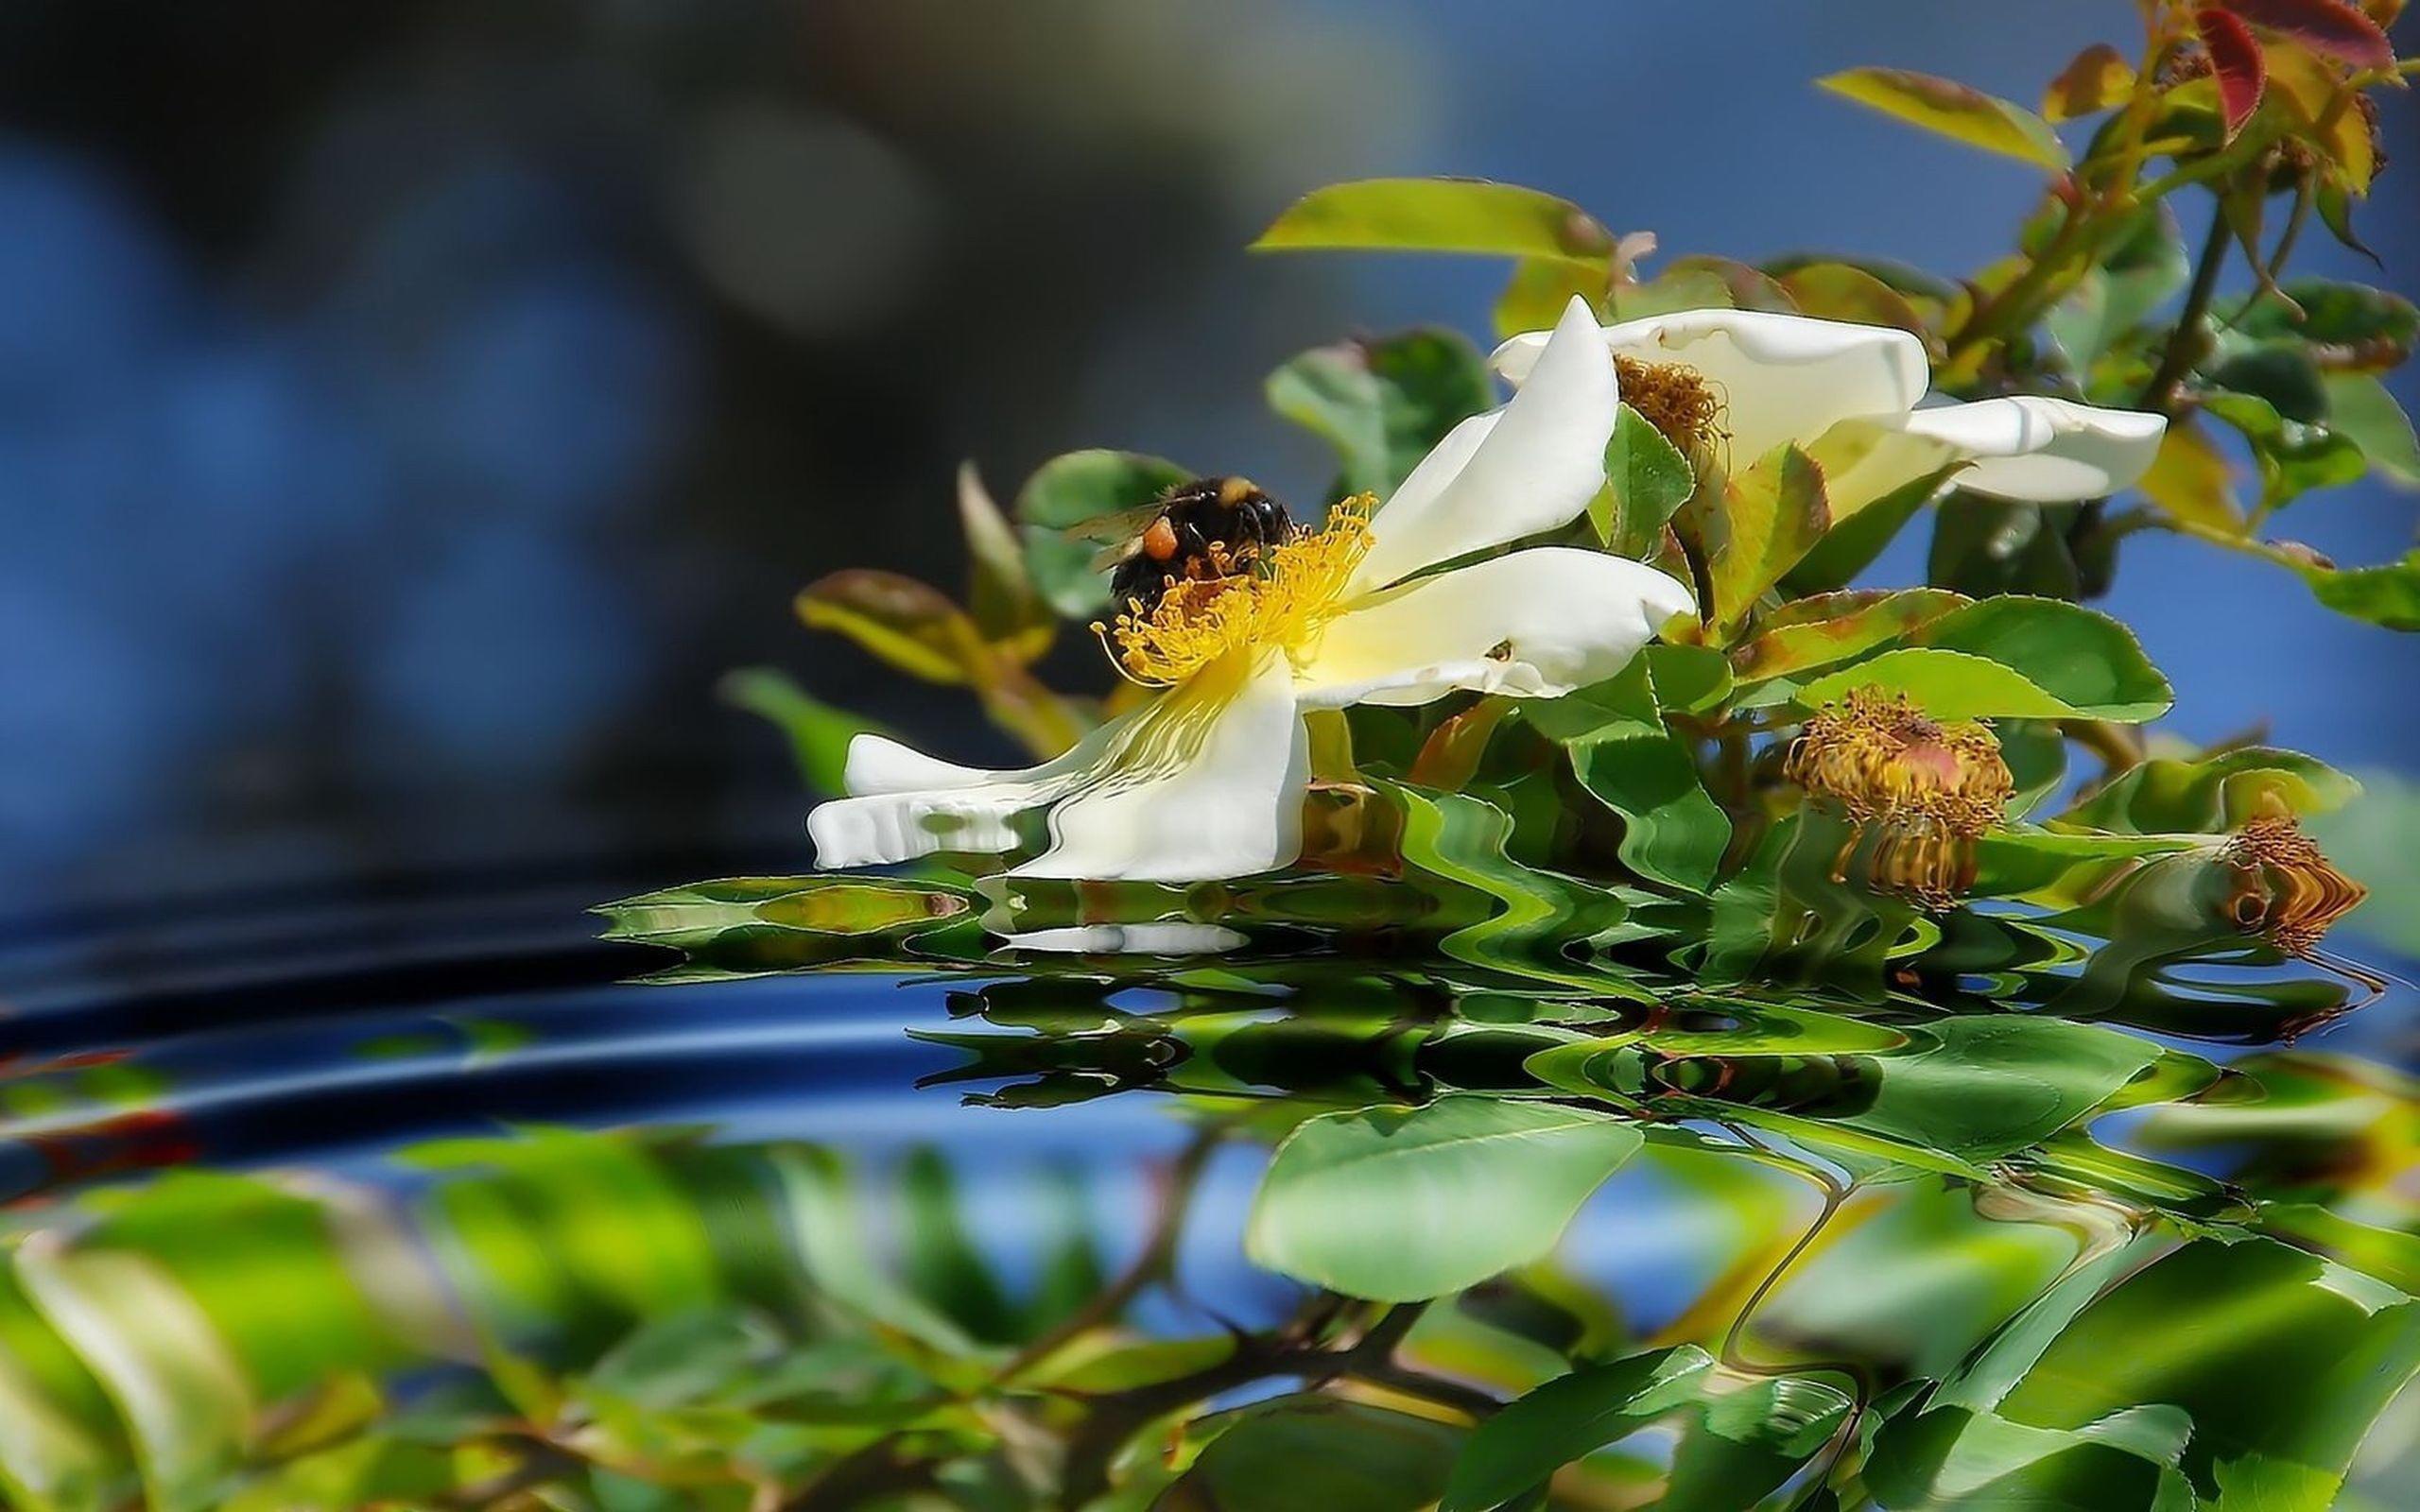 24492 скачать обои Пчелы, Насекомые, Растения, Цветы, Вода - заставки и картинки бесплатно